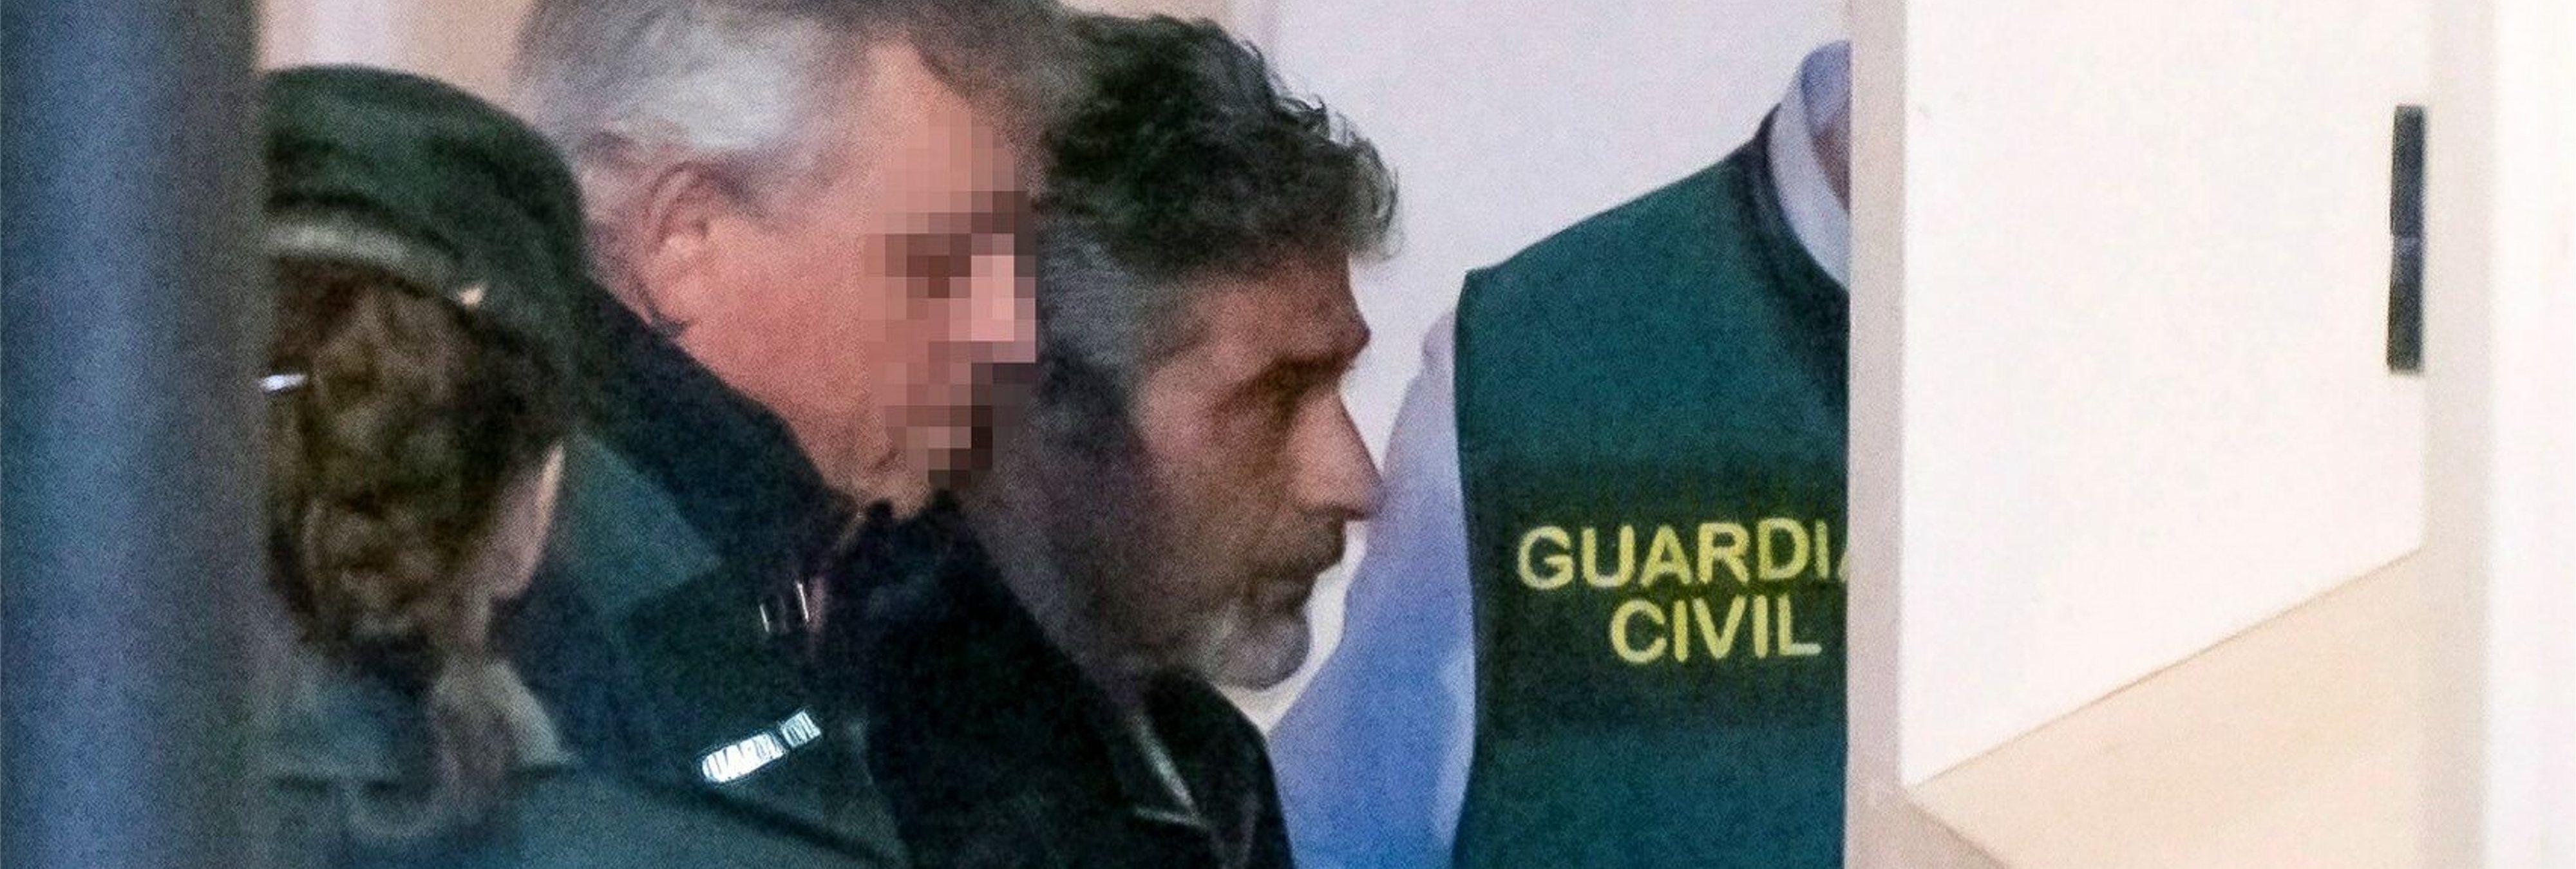 """El asesino de Laura Luelmo pide cobrar el paro """"para salir de la cárcel cuanto antes"""""""